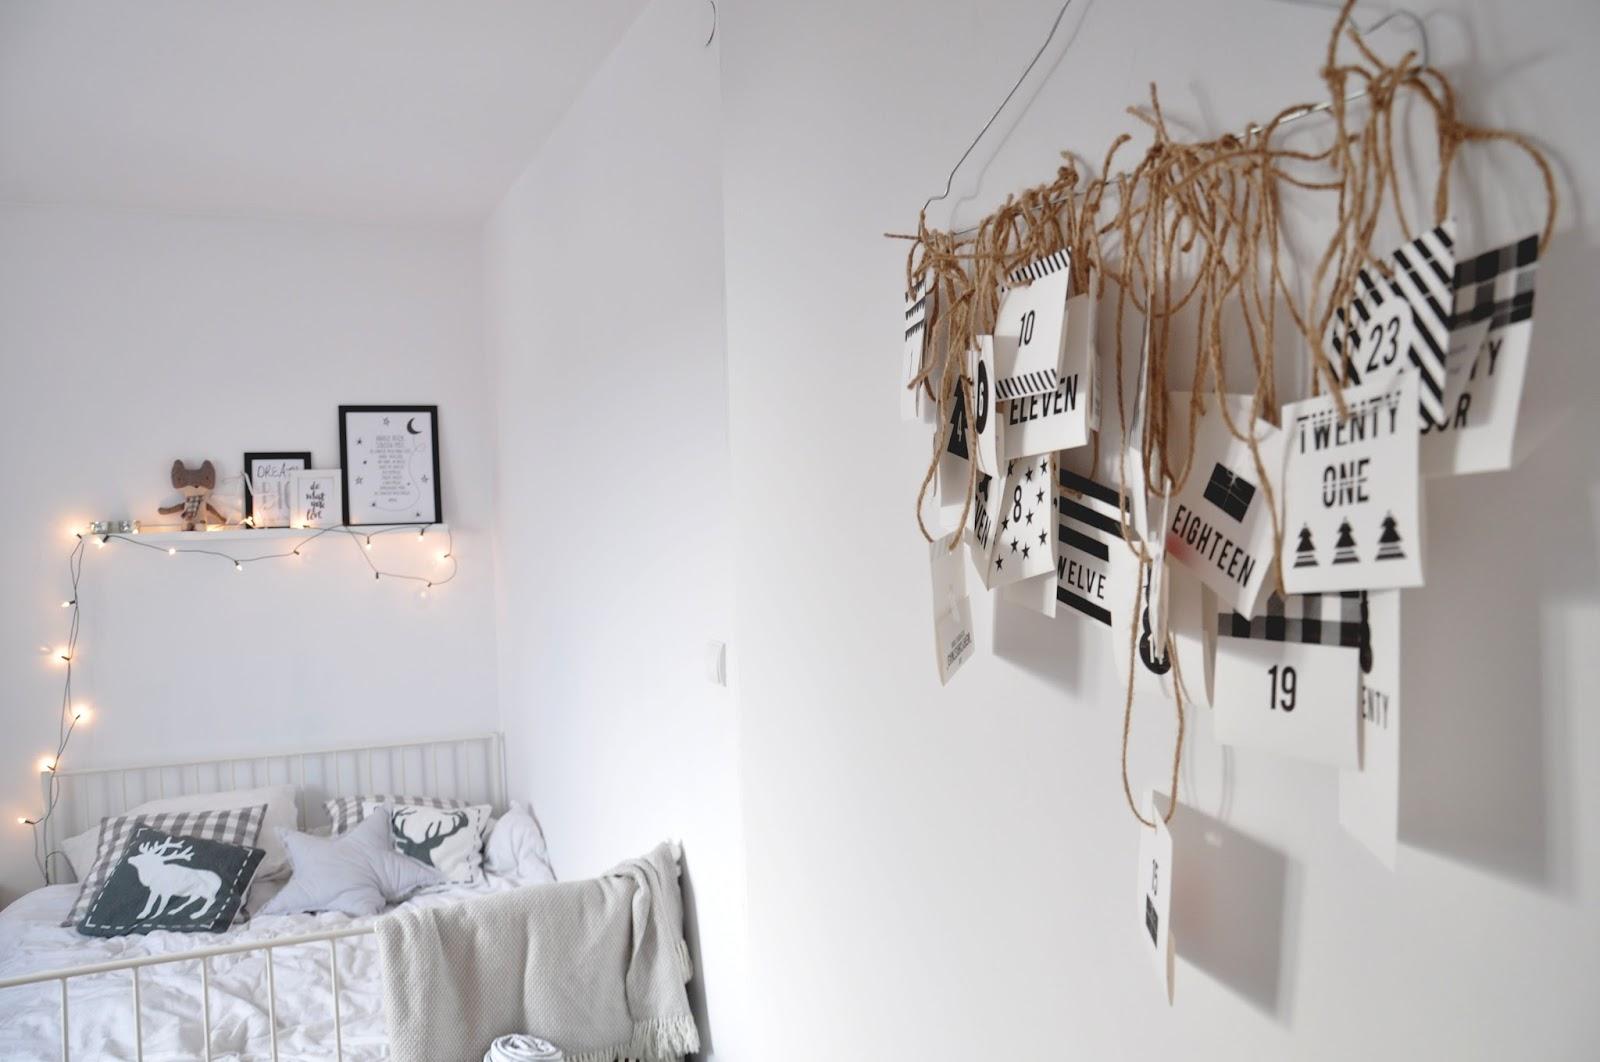 półka Ribba ikea, łóżko leirvik ikea, poszewki łosie, kalendarz adwentowy